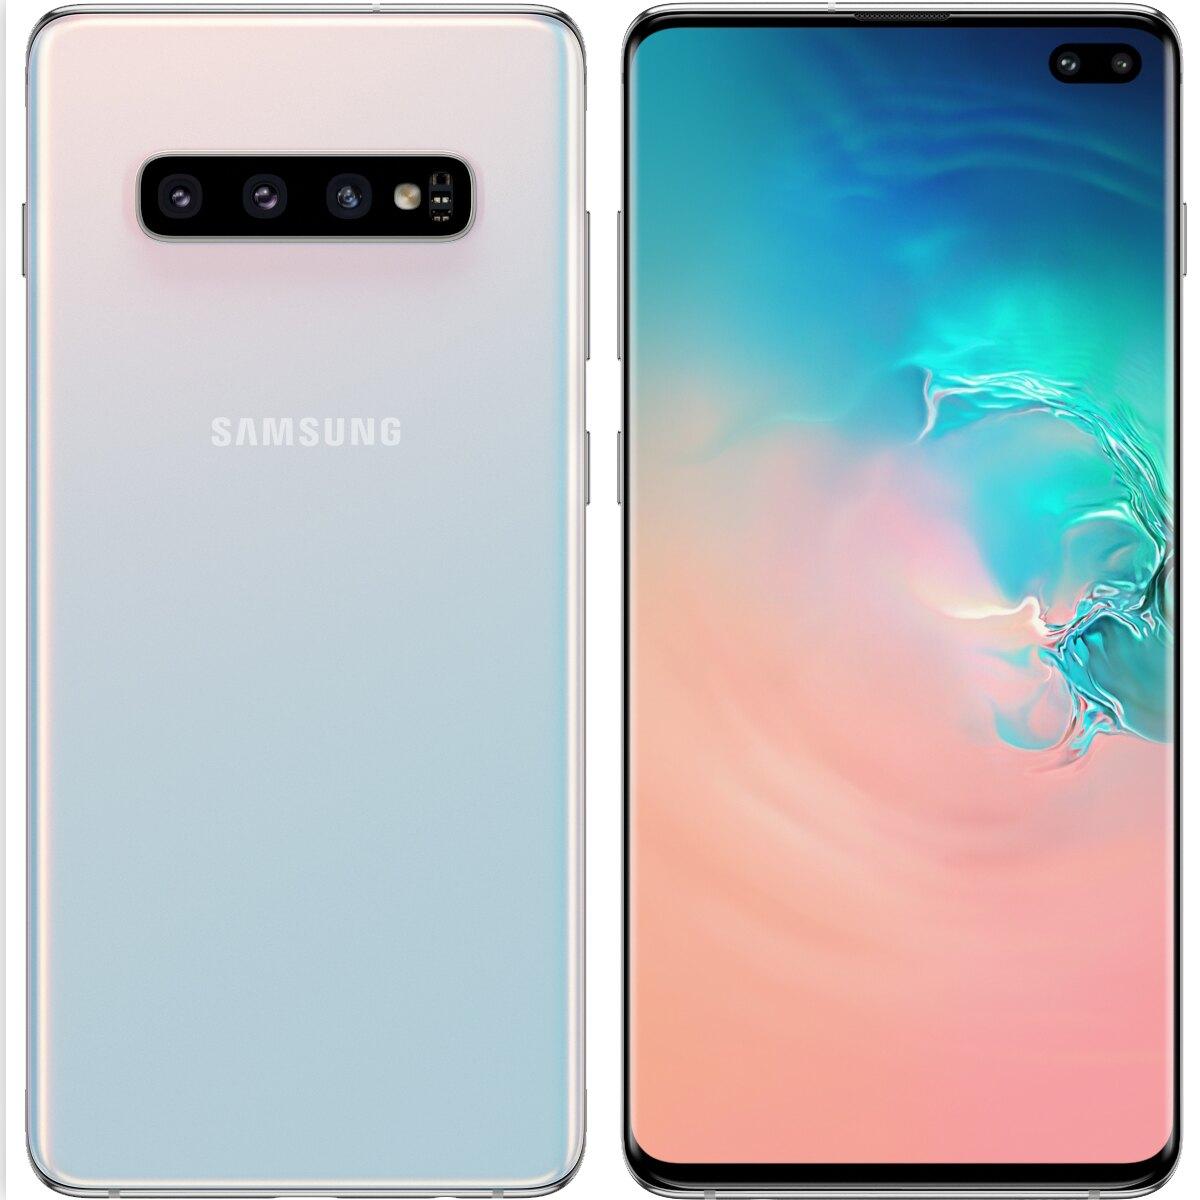 Sin duda el diseño y desempeño del Samsung Galaxy S10+ se destaco como uno de los los mejores smartphones